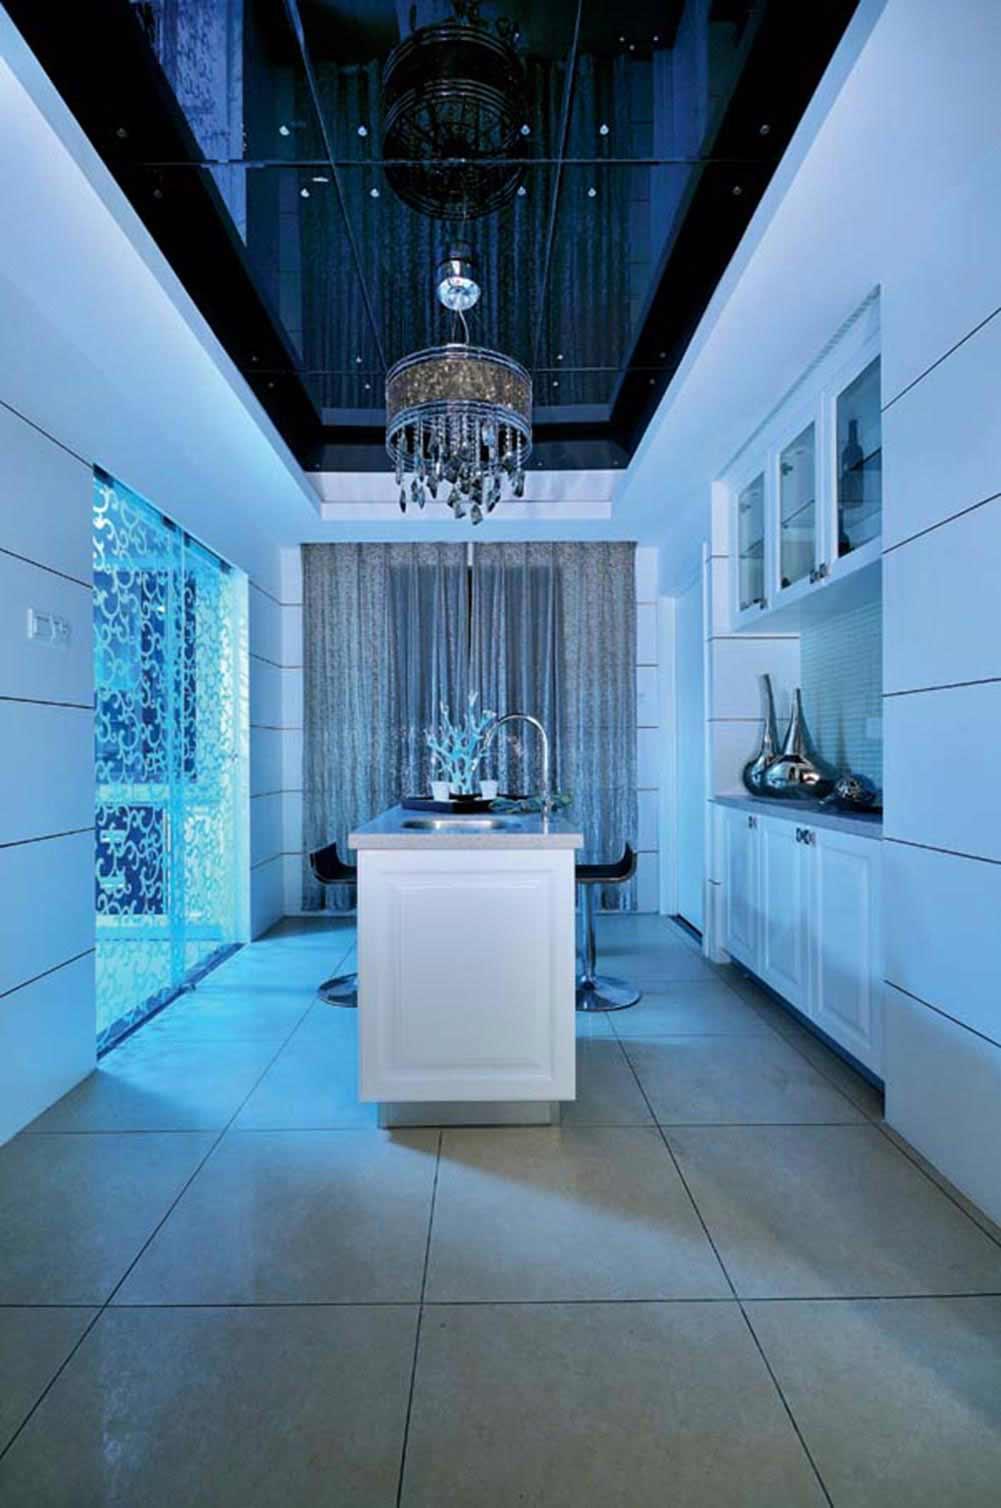 蓝色清新现代风格中岛式厨房设计